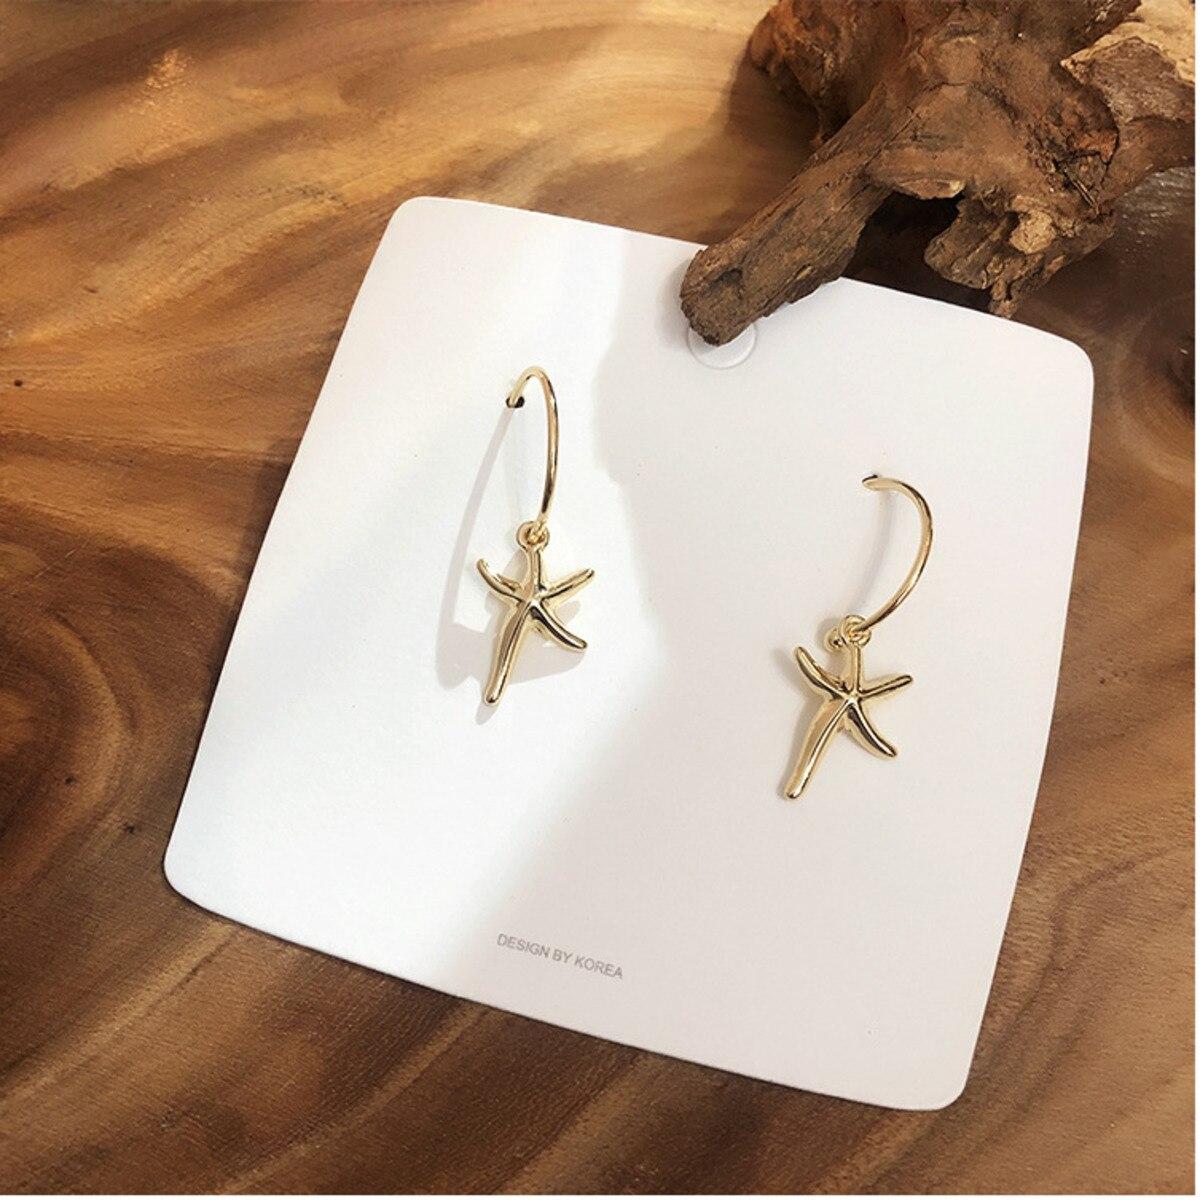 Korea Earrings Bohemian Style Gold Starfish Fashion Women Earrings 2019 High Quality Shell Hoop Earrings Baroque Copper Alloy in Hoop Earrings from Jewelry Accessories